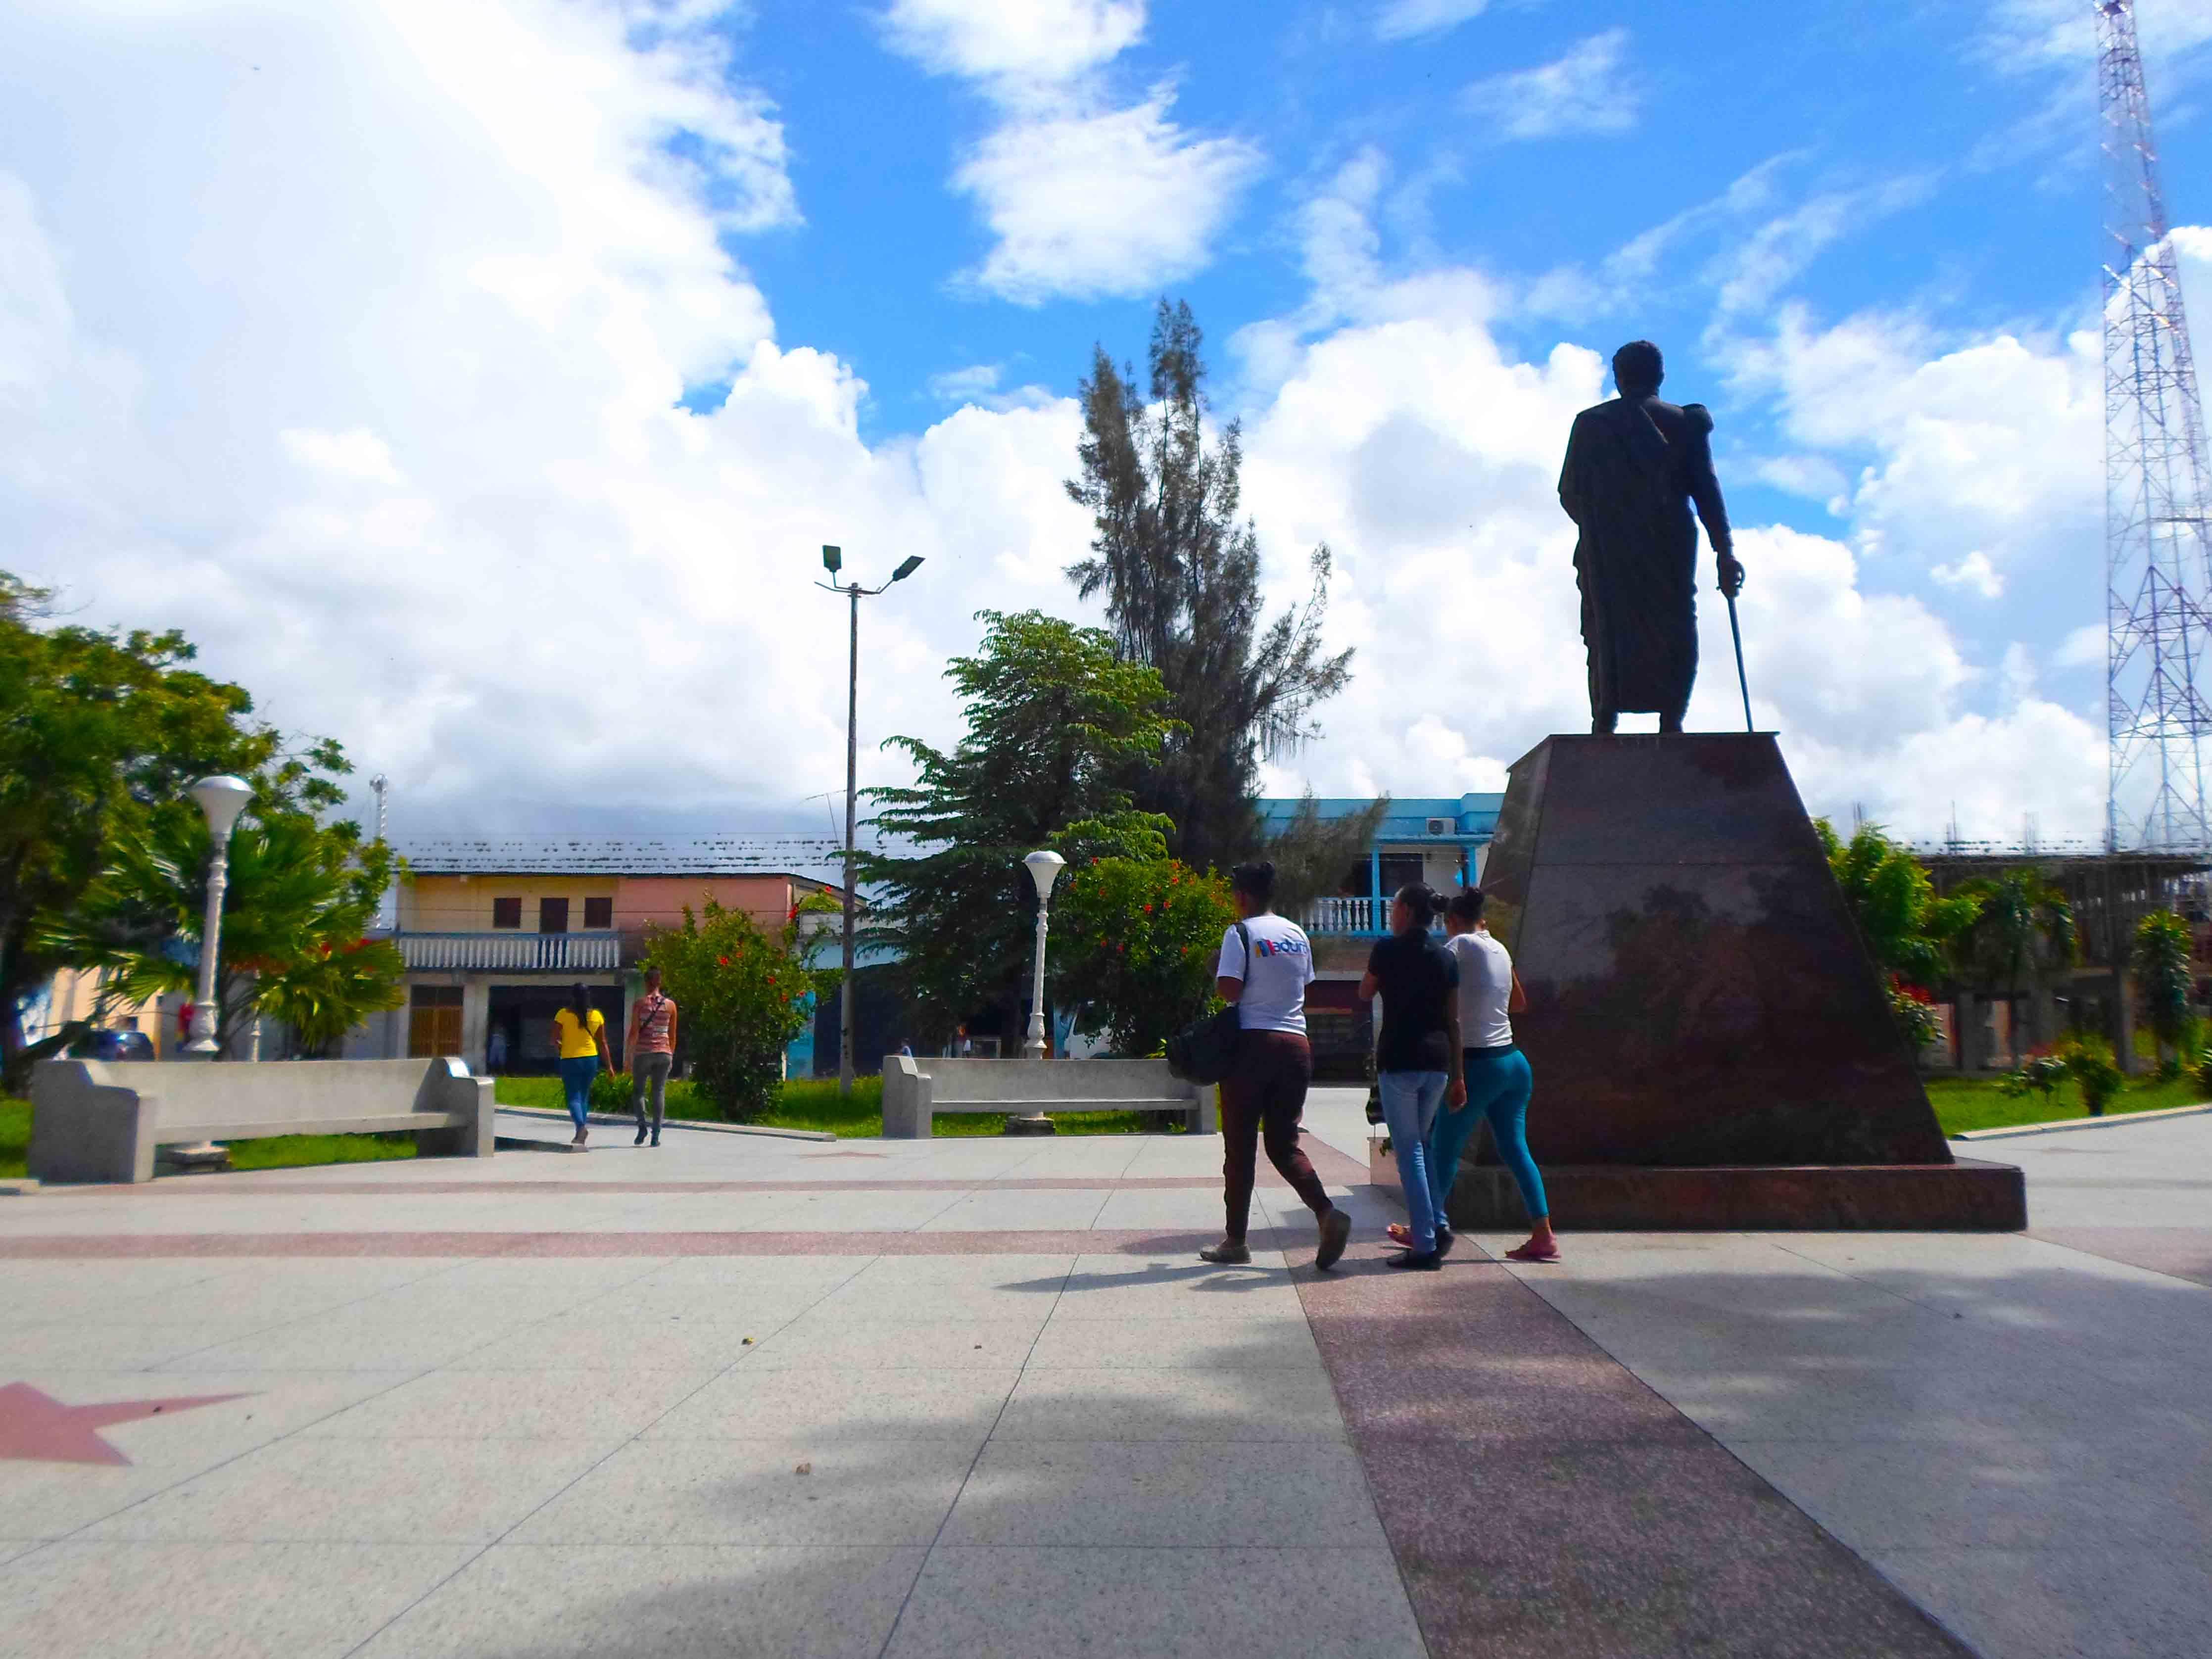 YAGUARAPARO VUELVE A LA NORMALIDAD TRAS HABER SOBREVIVIDO, CASI SIN DAÑOS, UNO DE LOS SISMOS MÁS FUERTES OCURRIDOS EN VENEZUELA.